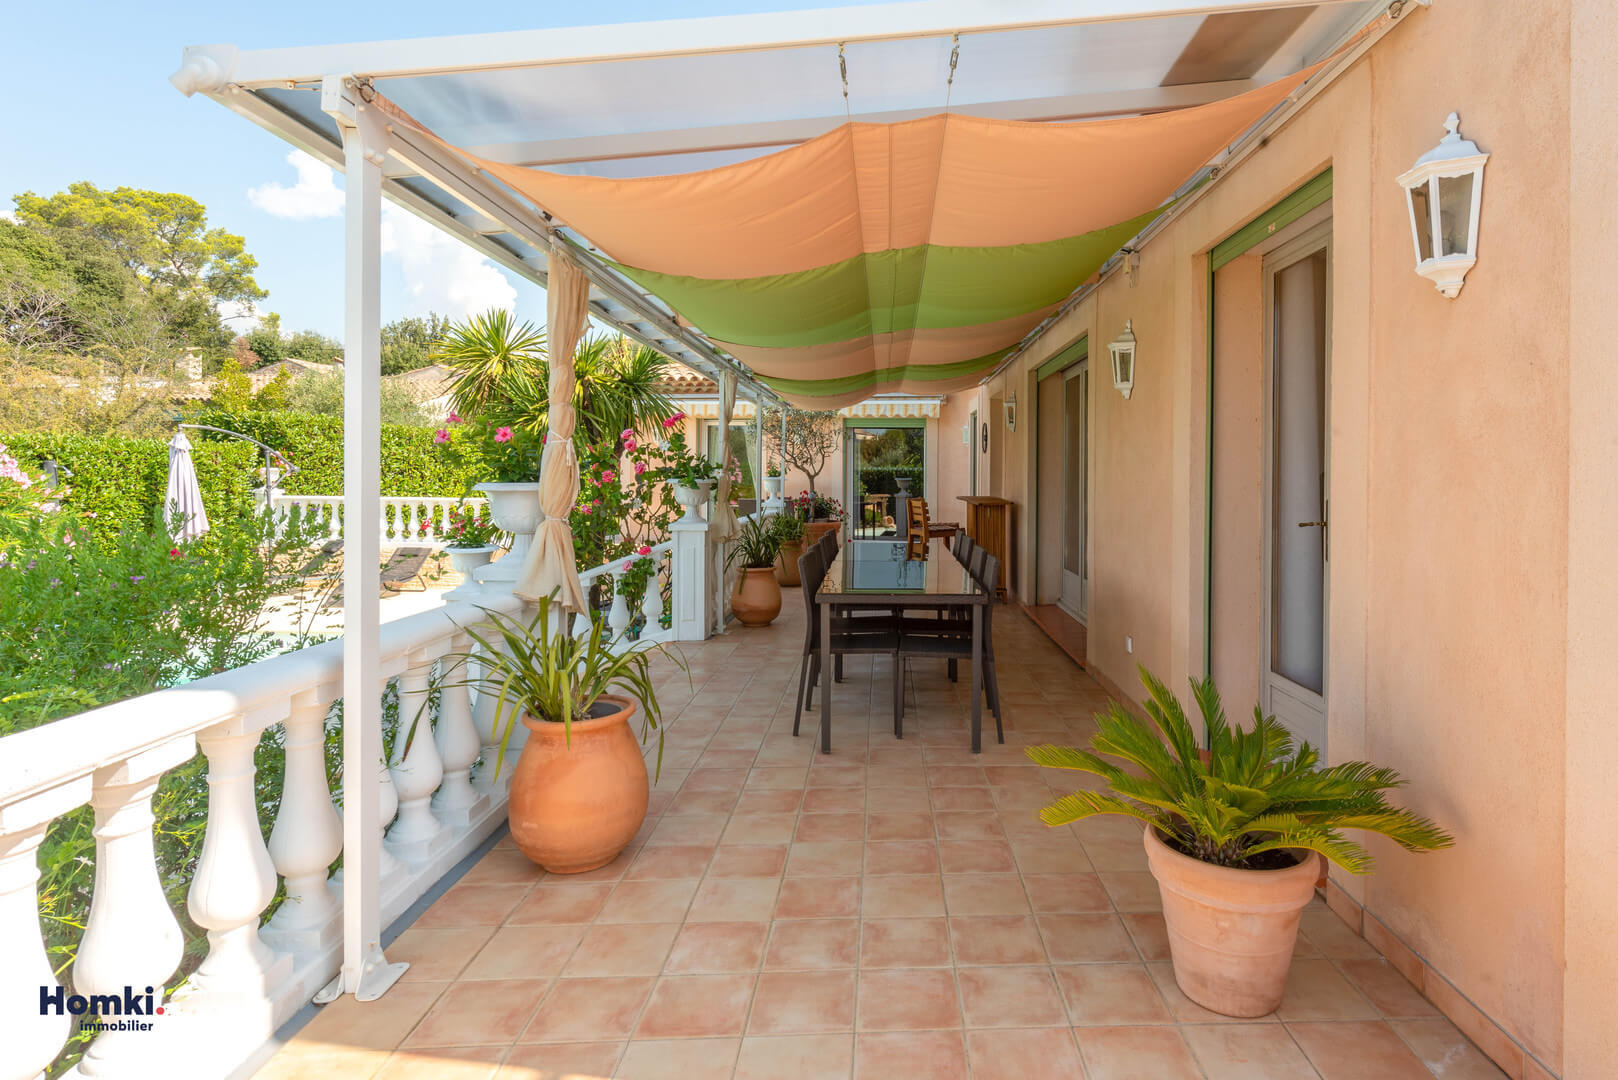 Vente Maison 169 m² T7 06410 Biot_4